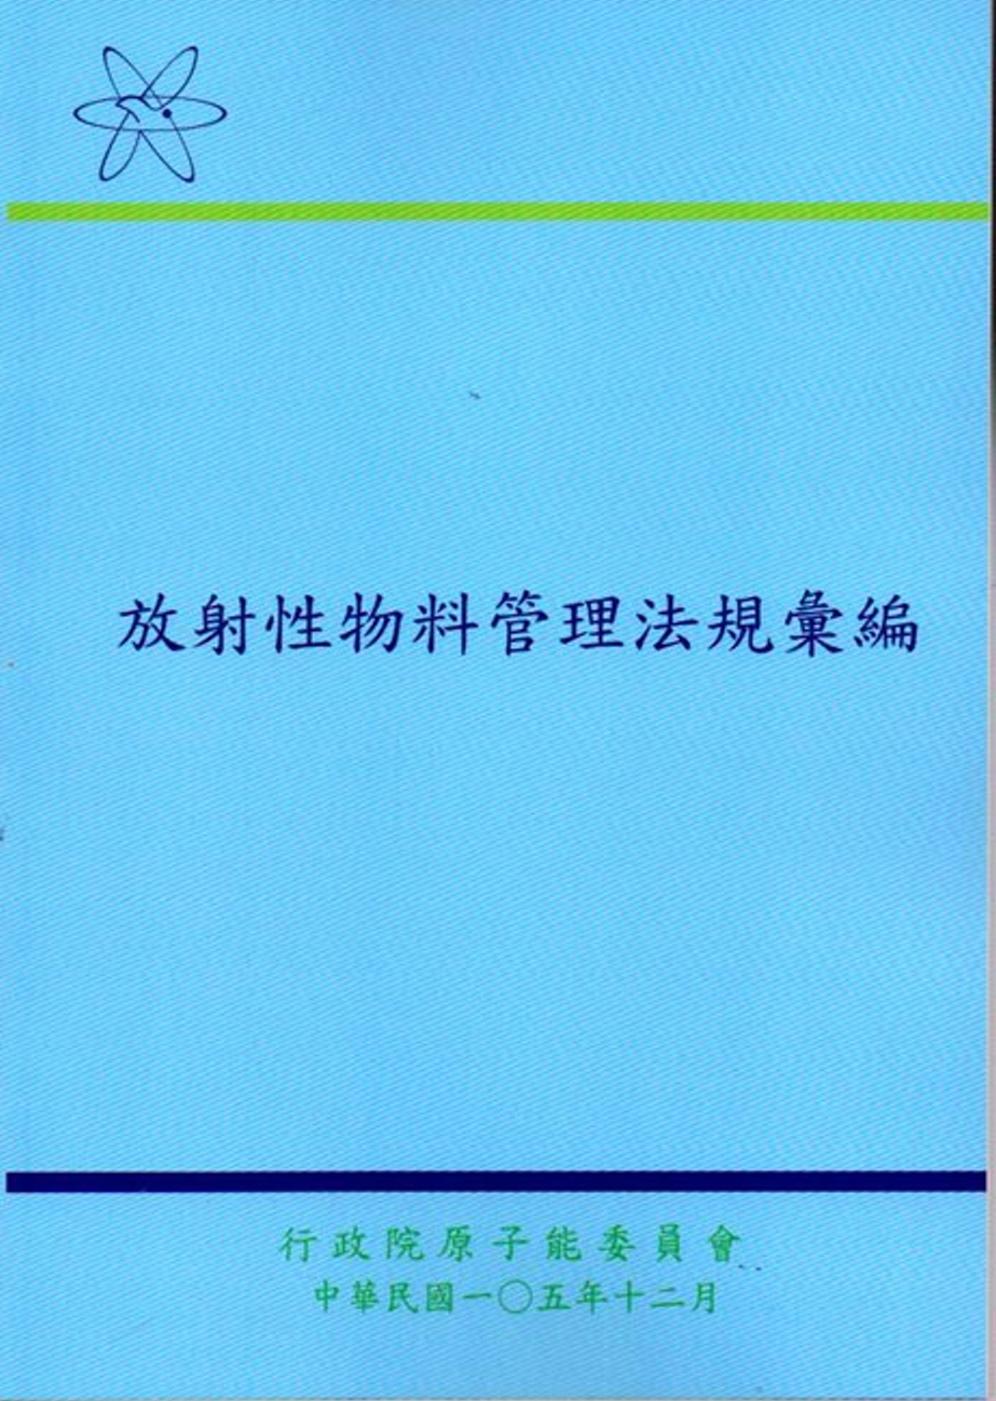 放射性物料管理法規彙編(第六版)